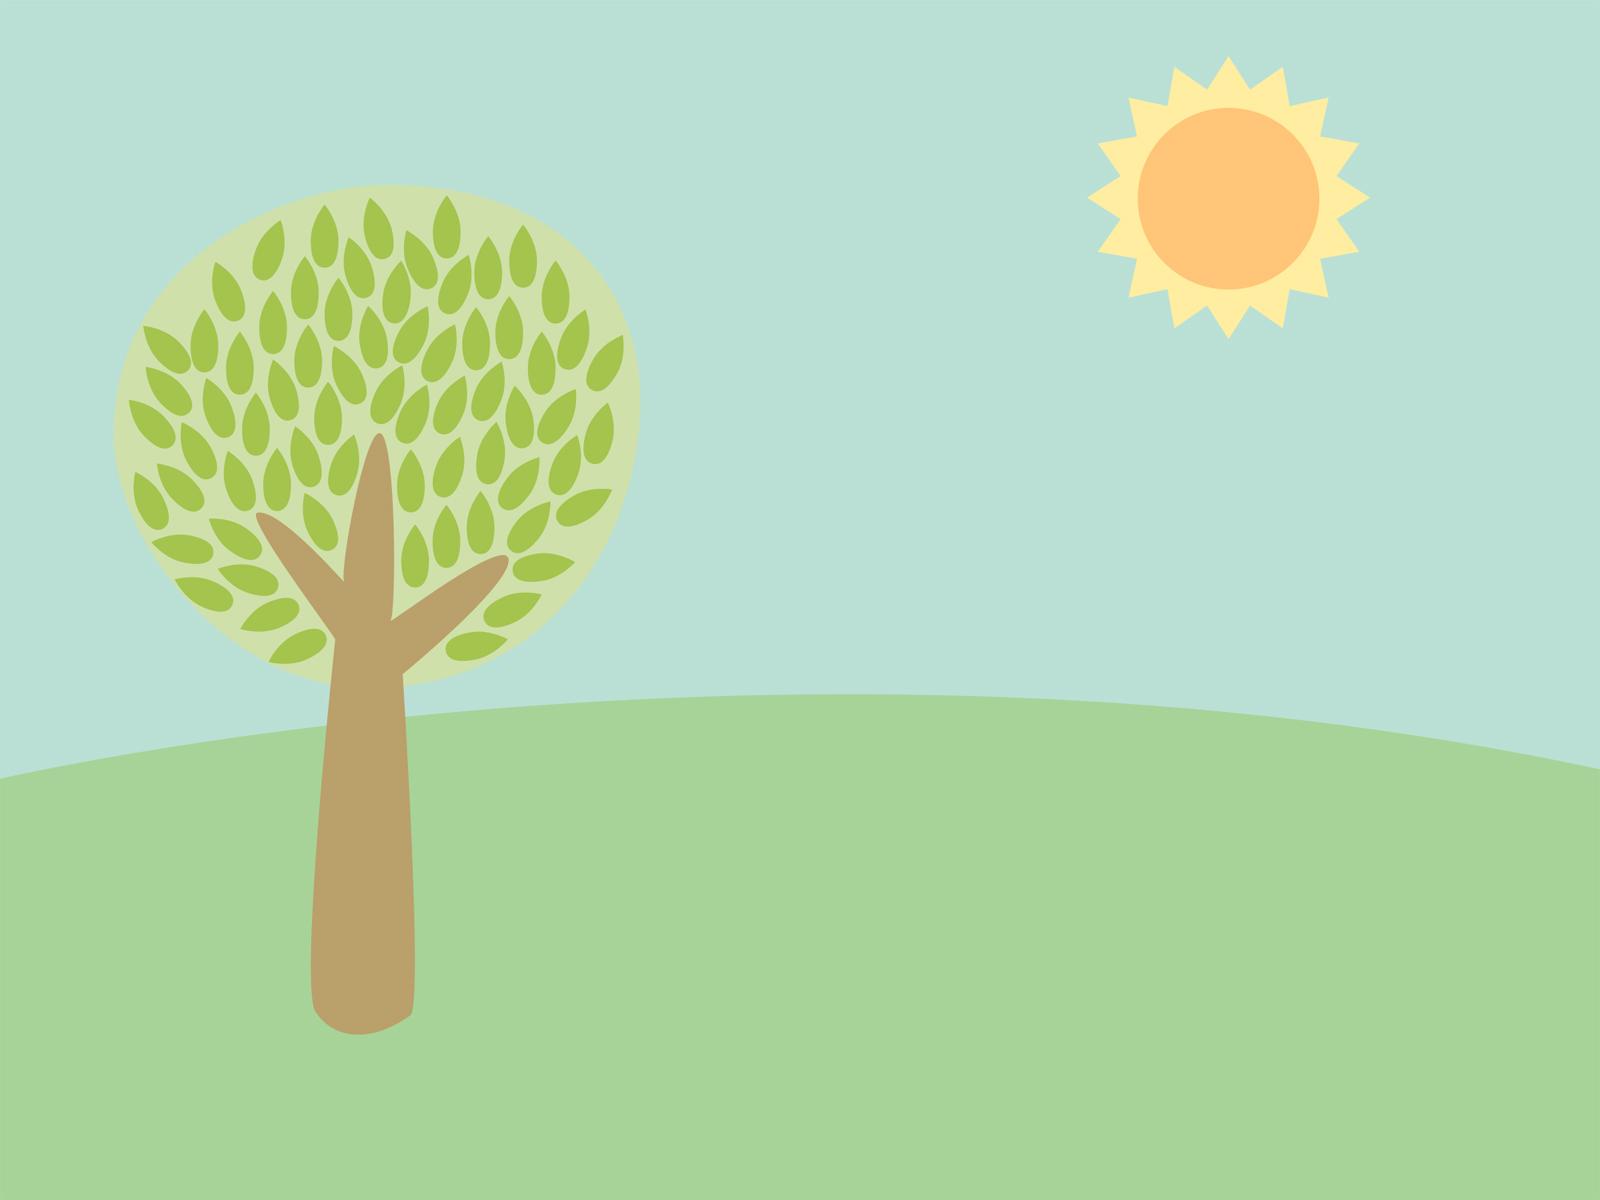 Hình nền PowerPoint đơn giản với cây và mặt trời